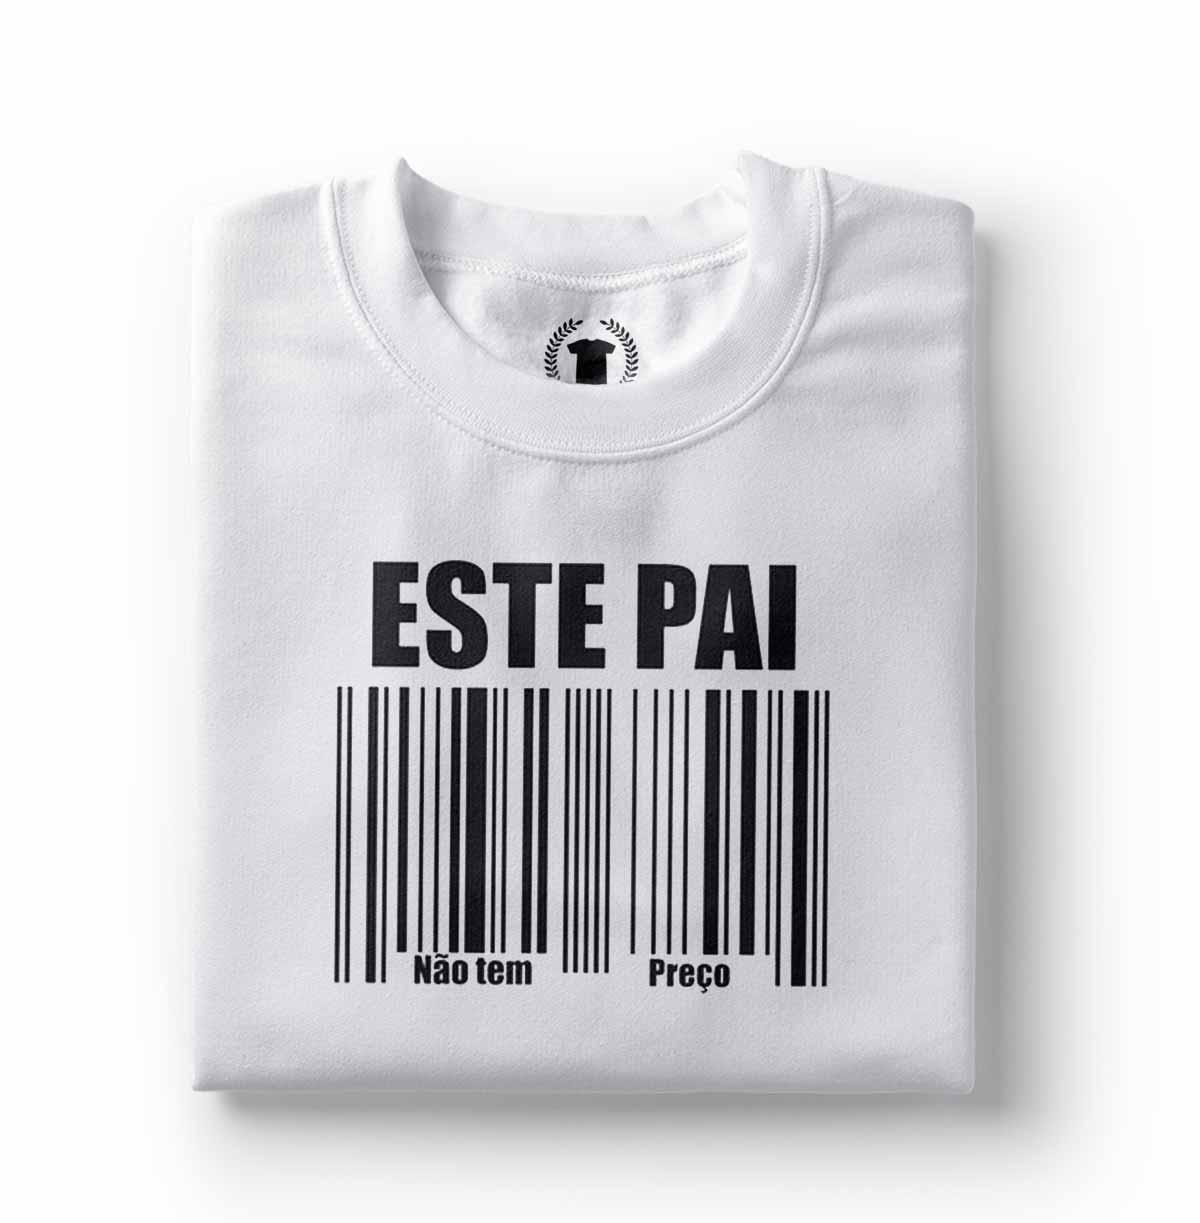 camiseta de presente para pai nao tem preco